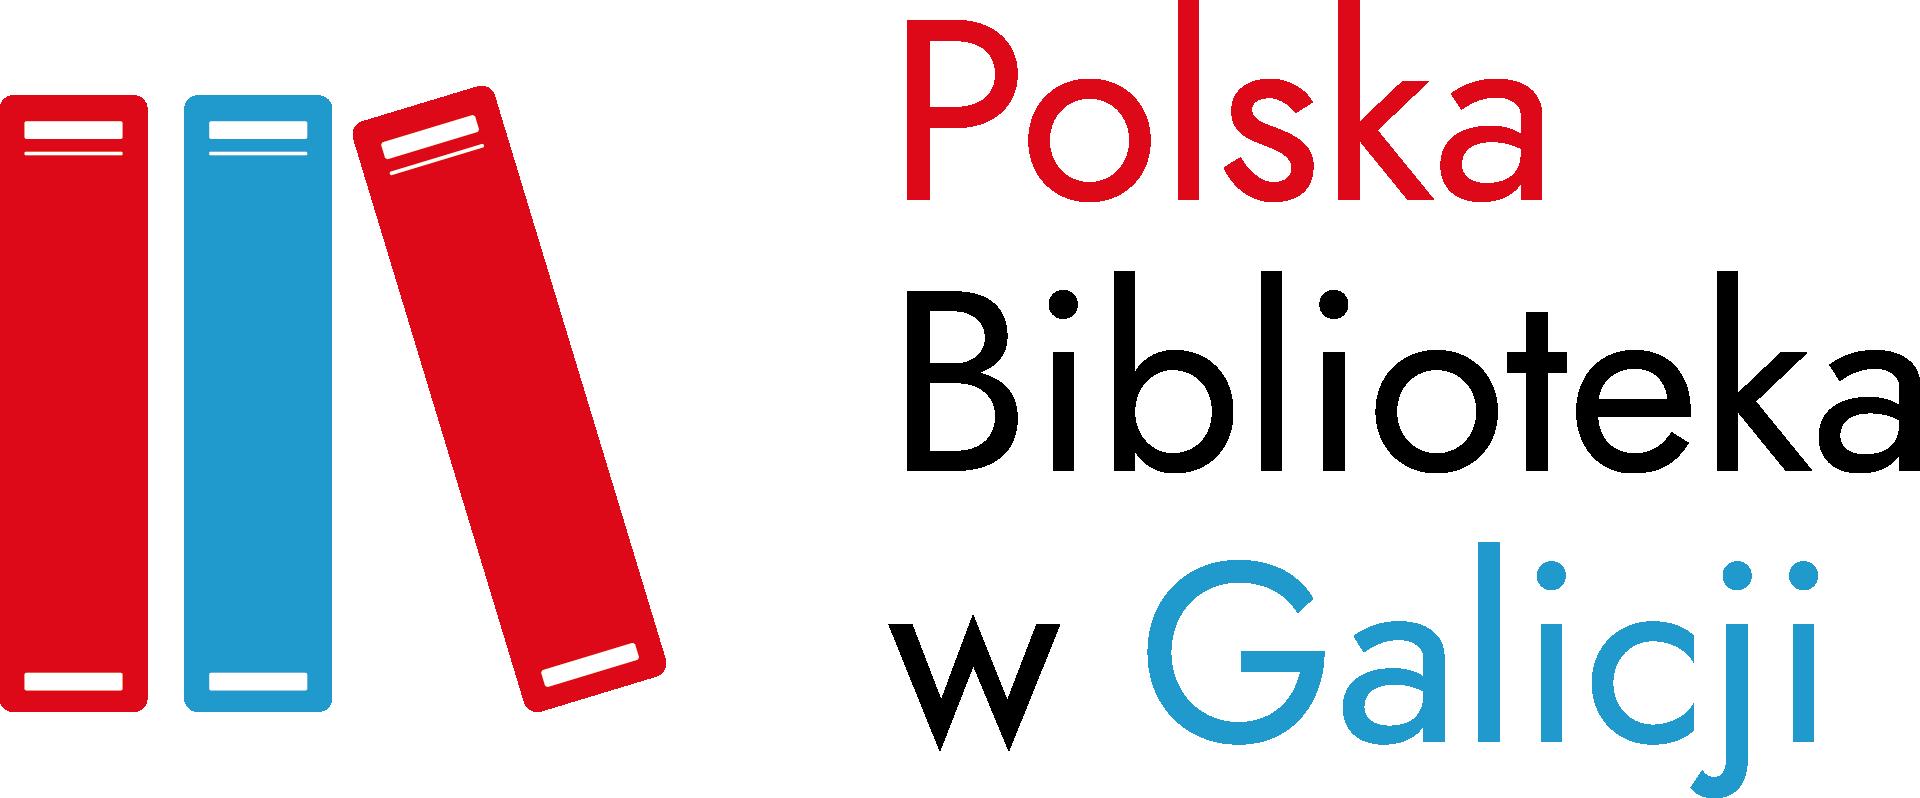 Polska Biblioteka v Galicji